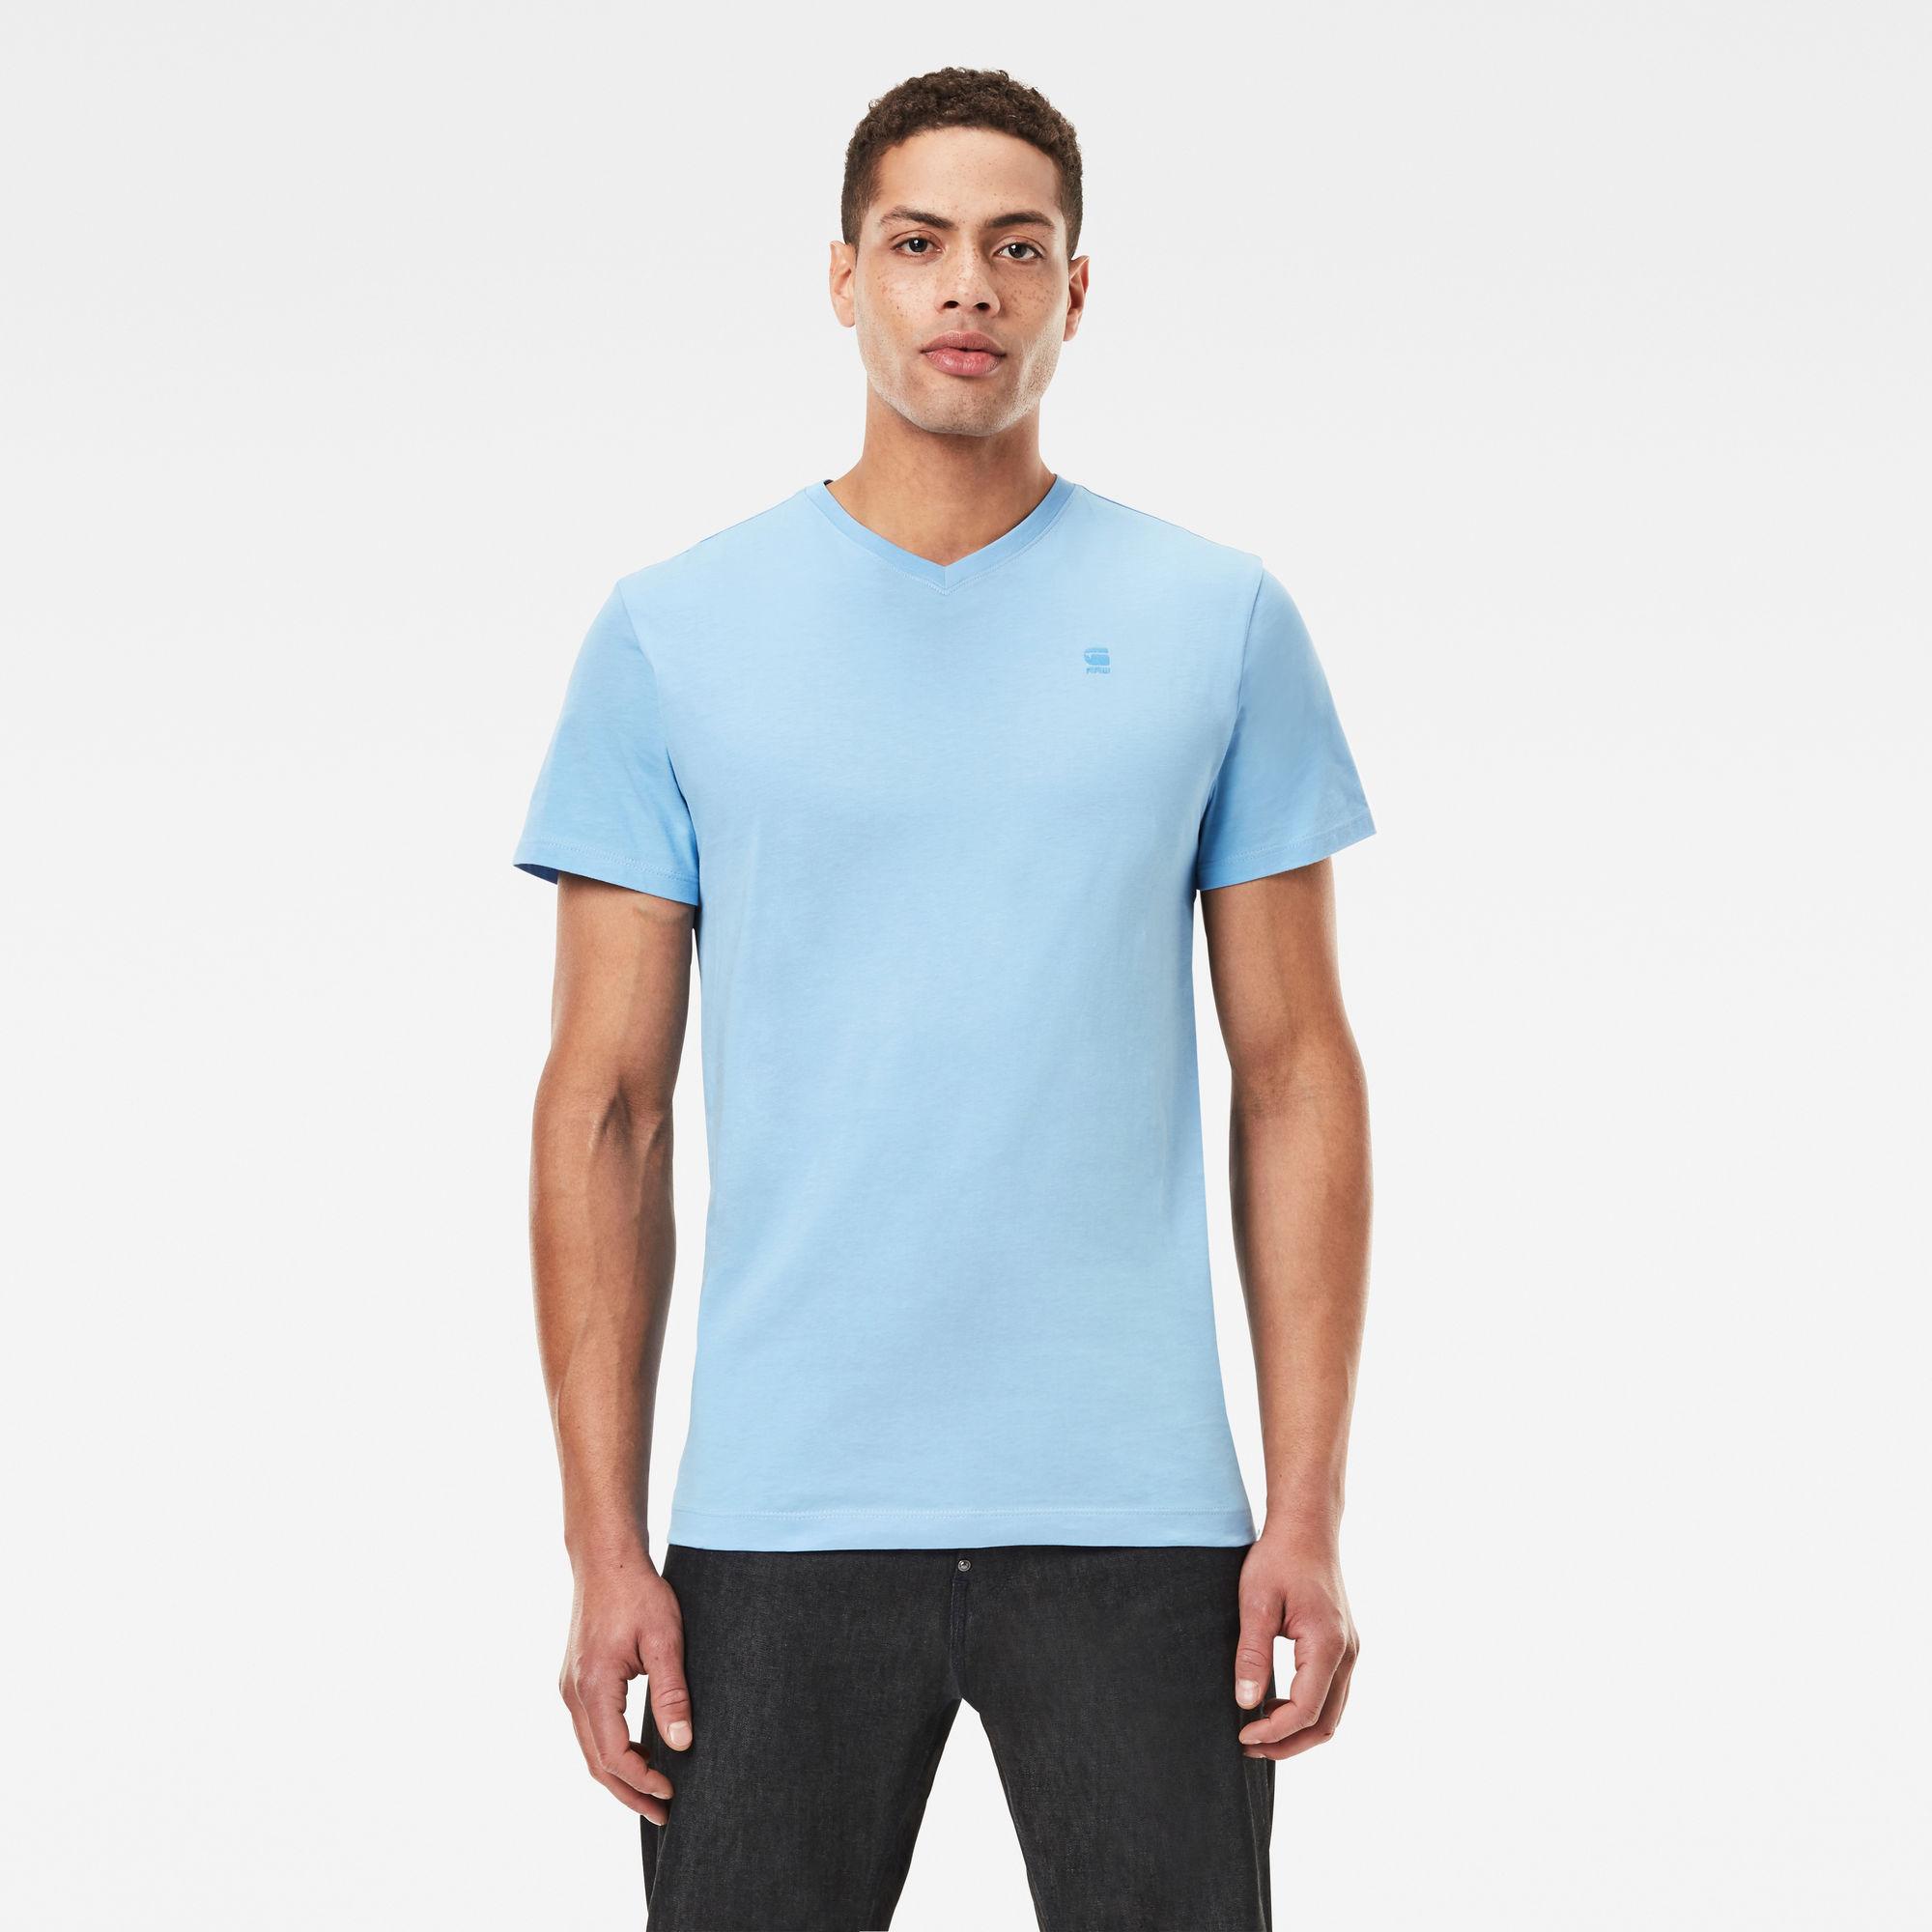 G-Star RAW Heren Base-S T-Shirt Blauw